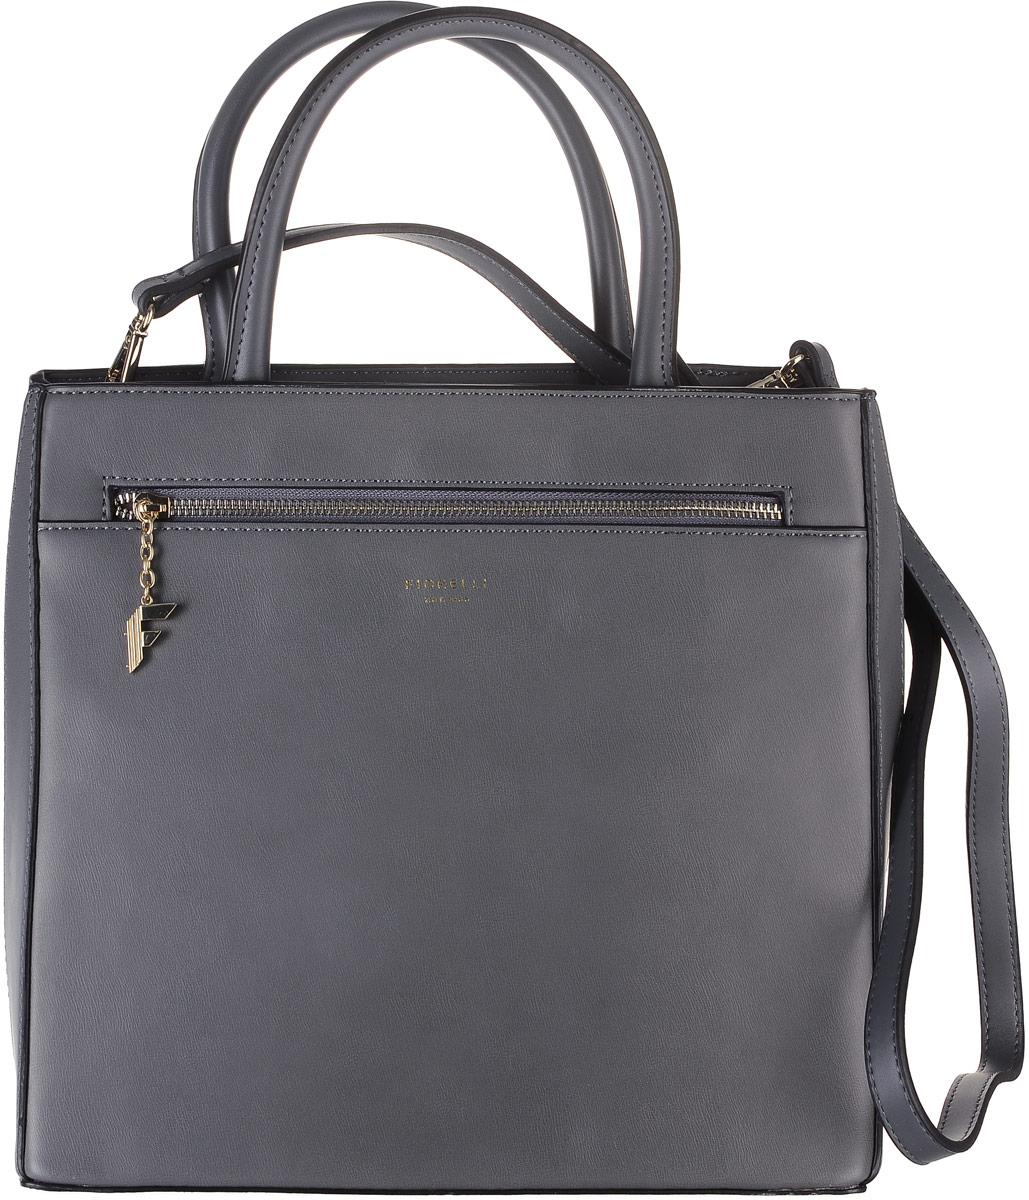 Сумка женская Fiorelli, цвет: серый. 8513 FH8513 FH City GreyСтильная женская сумка Fiorelli выполнена из искусственной кожи, дополнена золотистой фурнитурой и подвеской в виде символики бренда. Изделие имеет вместительное отделение, закрывающееся хлястиком на магнитную застежку. Внутри имеется прорезной карман на застежке- молнии и четыре открытых пришивных кармана для телефона и мелочей. Снаружи на задней стенке располагается прорезной карман на молнии. Сумка оснащена съемным плечевым ремнем, который регулируется по длине. В комплекте идет стильный кошелек, выполненный также из экокожи, который может использоваться в качестве самостоятельного аксессуара. Дизайн продукции Fiorelli разрабатывается в Лондоне молодой, амбициозной командой, идущей в ногу со временем и предлагающей модели, которые предназначены для любых случаев, как для выхода в свет, так и для рабочих будней, торжественных приемов или коктейльных вечеринок.